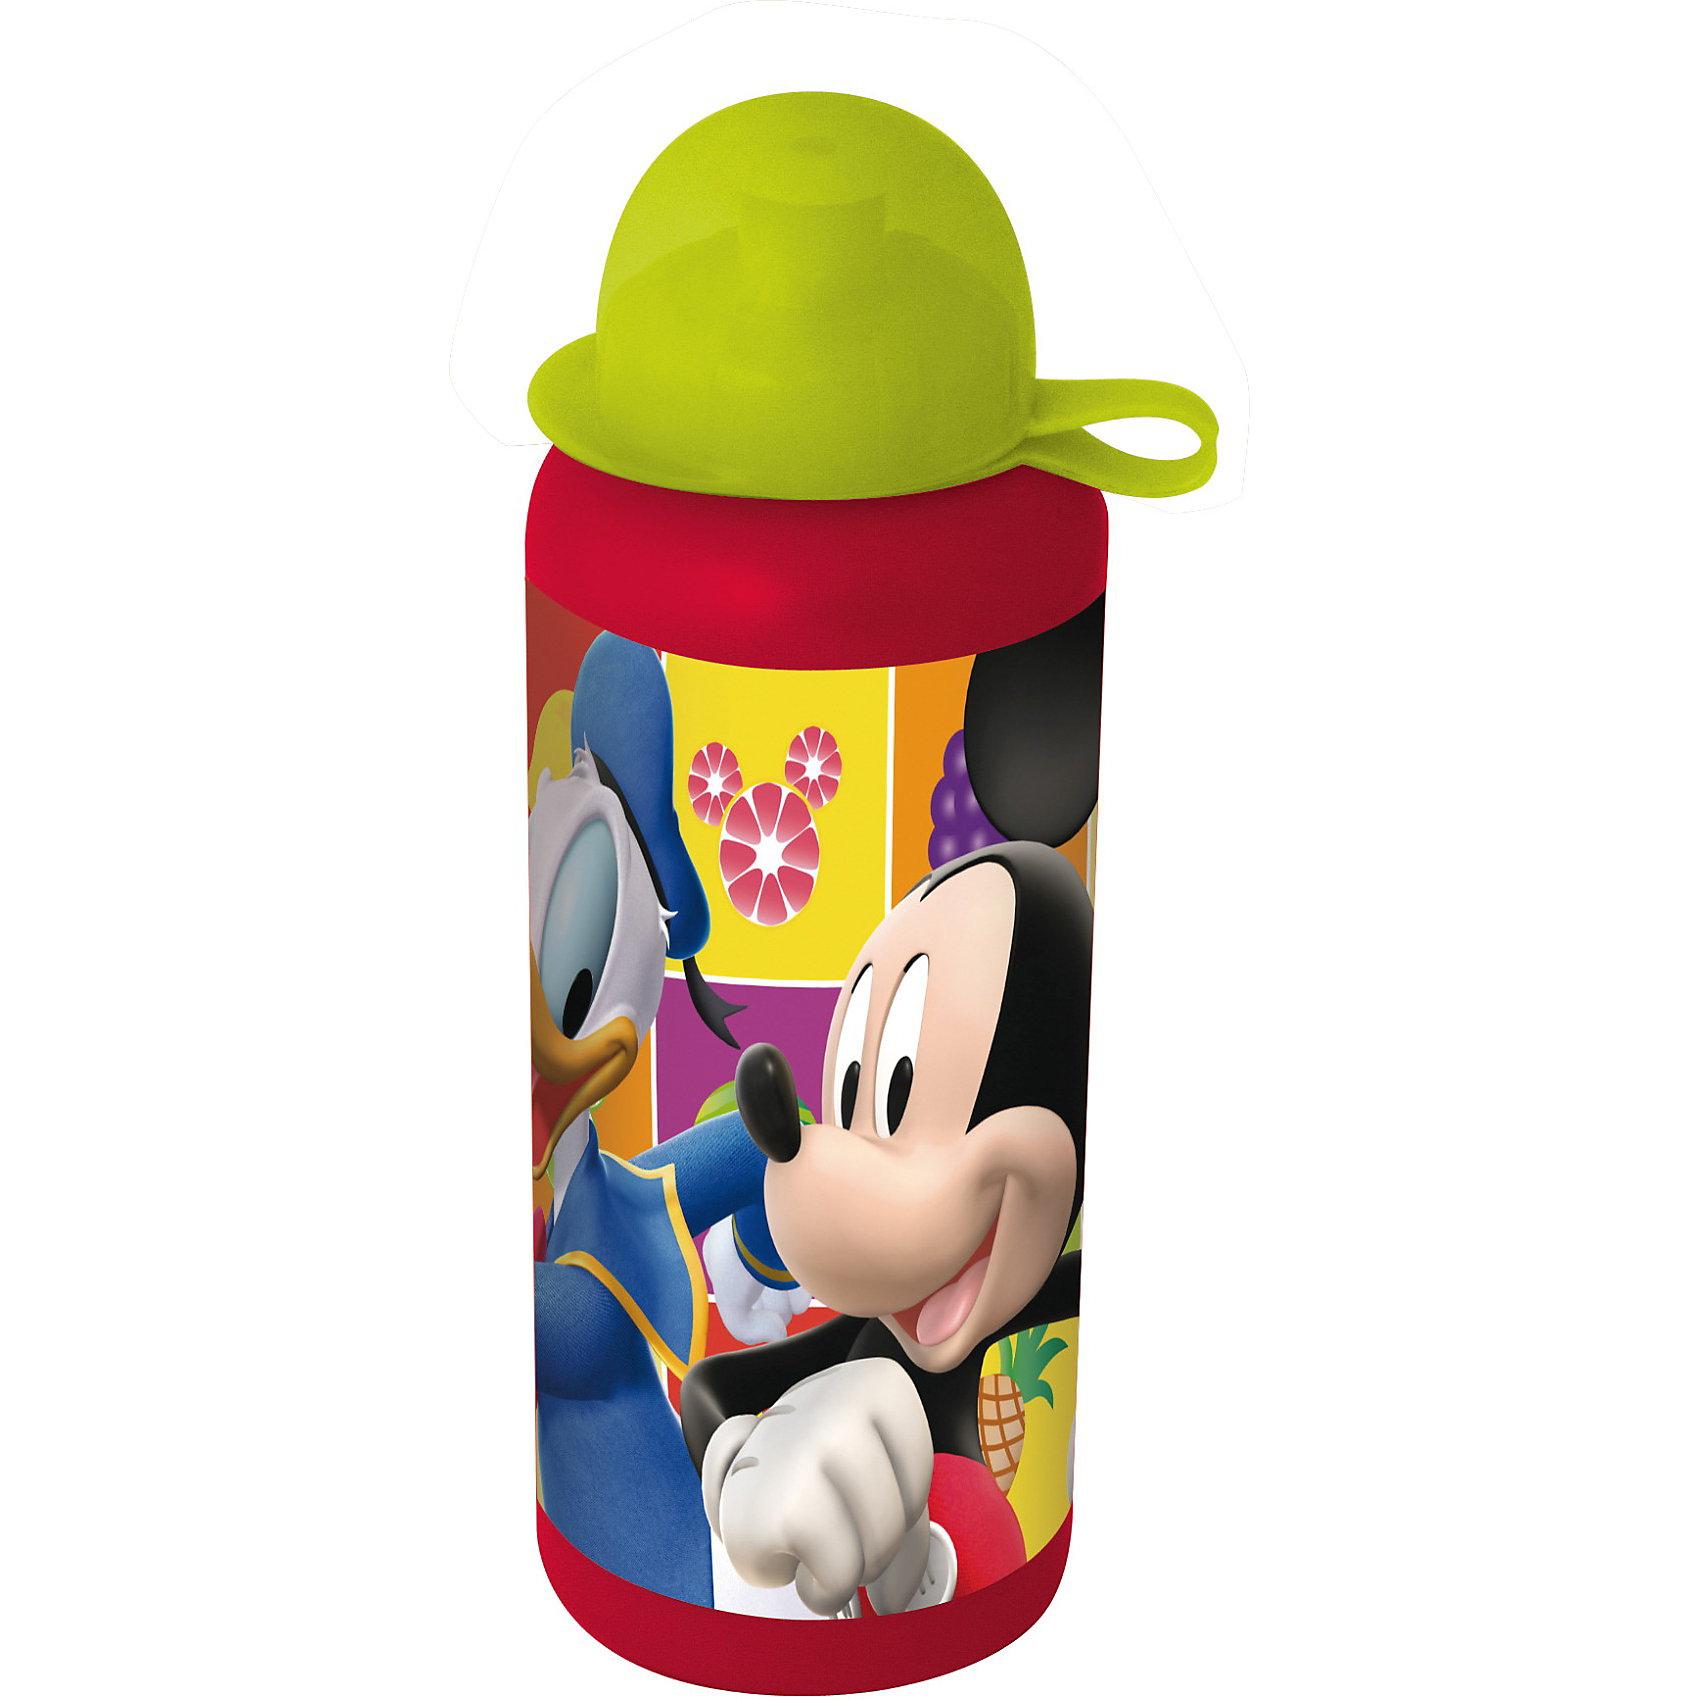 Бутылка спортивная (440 мл), Микки МаусБутылка спортивная (440 мл), Микки Маус станет приятным сюрпризом для поклонника мультфильма о Микки Маусе.<br>Яркая спортивная бутылка, выполненная из качественного пластика, с изображением веселого о Микки Мауса очень понравится ребенку и будет просто незаменима во время спортивных тренировок. Компактную бутылочку удобно брать с собой на прогулки, в походы или в школу. Ребенок с удовольствием будет пить из этой бутылки, а жизнерадостная картинка подарит ему хорошее настроение.<br><br>Дополнительная информация:<br><br>- Материал: высококачественный пластик<br>- Объем: 440 мл.<br>- Размер: 170 х 60 х 60 мм.<br><br>Бутылку спортивную (440 мл), Микки Маус (Mickey Mouse) можно купить в нашем интернет-магазине.<br><br>Ширина мм: 60<br>Глубина мм: 60<br>Высота мм: 170<br>Вес г: 49<br>Возраст от месяцев: 12<br>Возраст до месяцев: 120<br>Пол: Унисекс<br>Возраст: Детский<br>SKU: 3777946